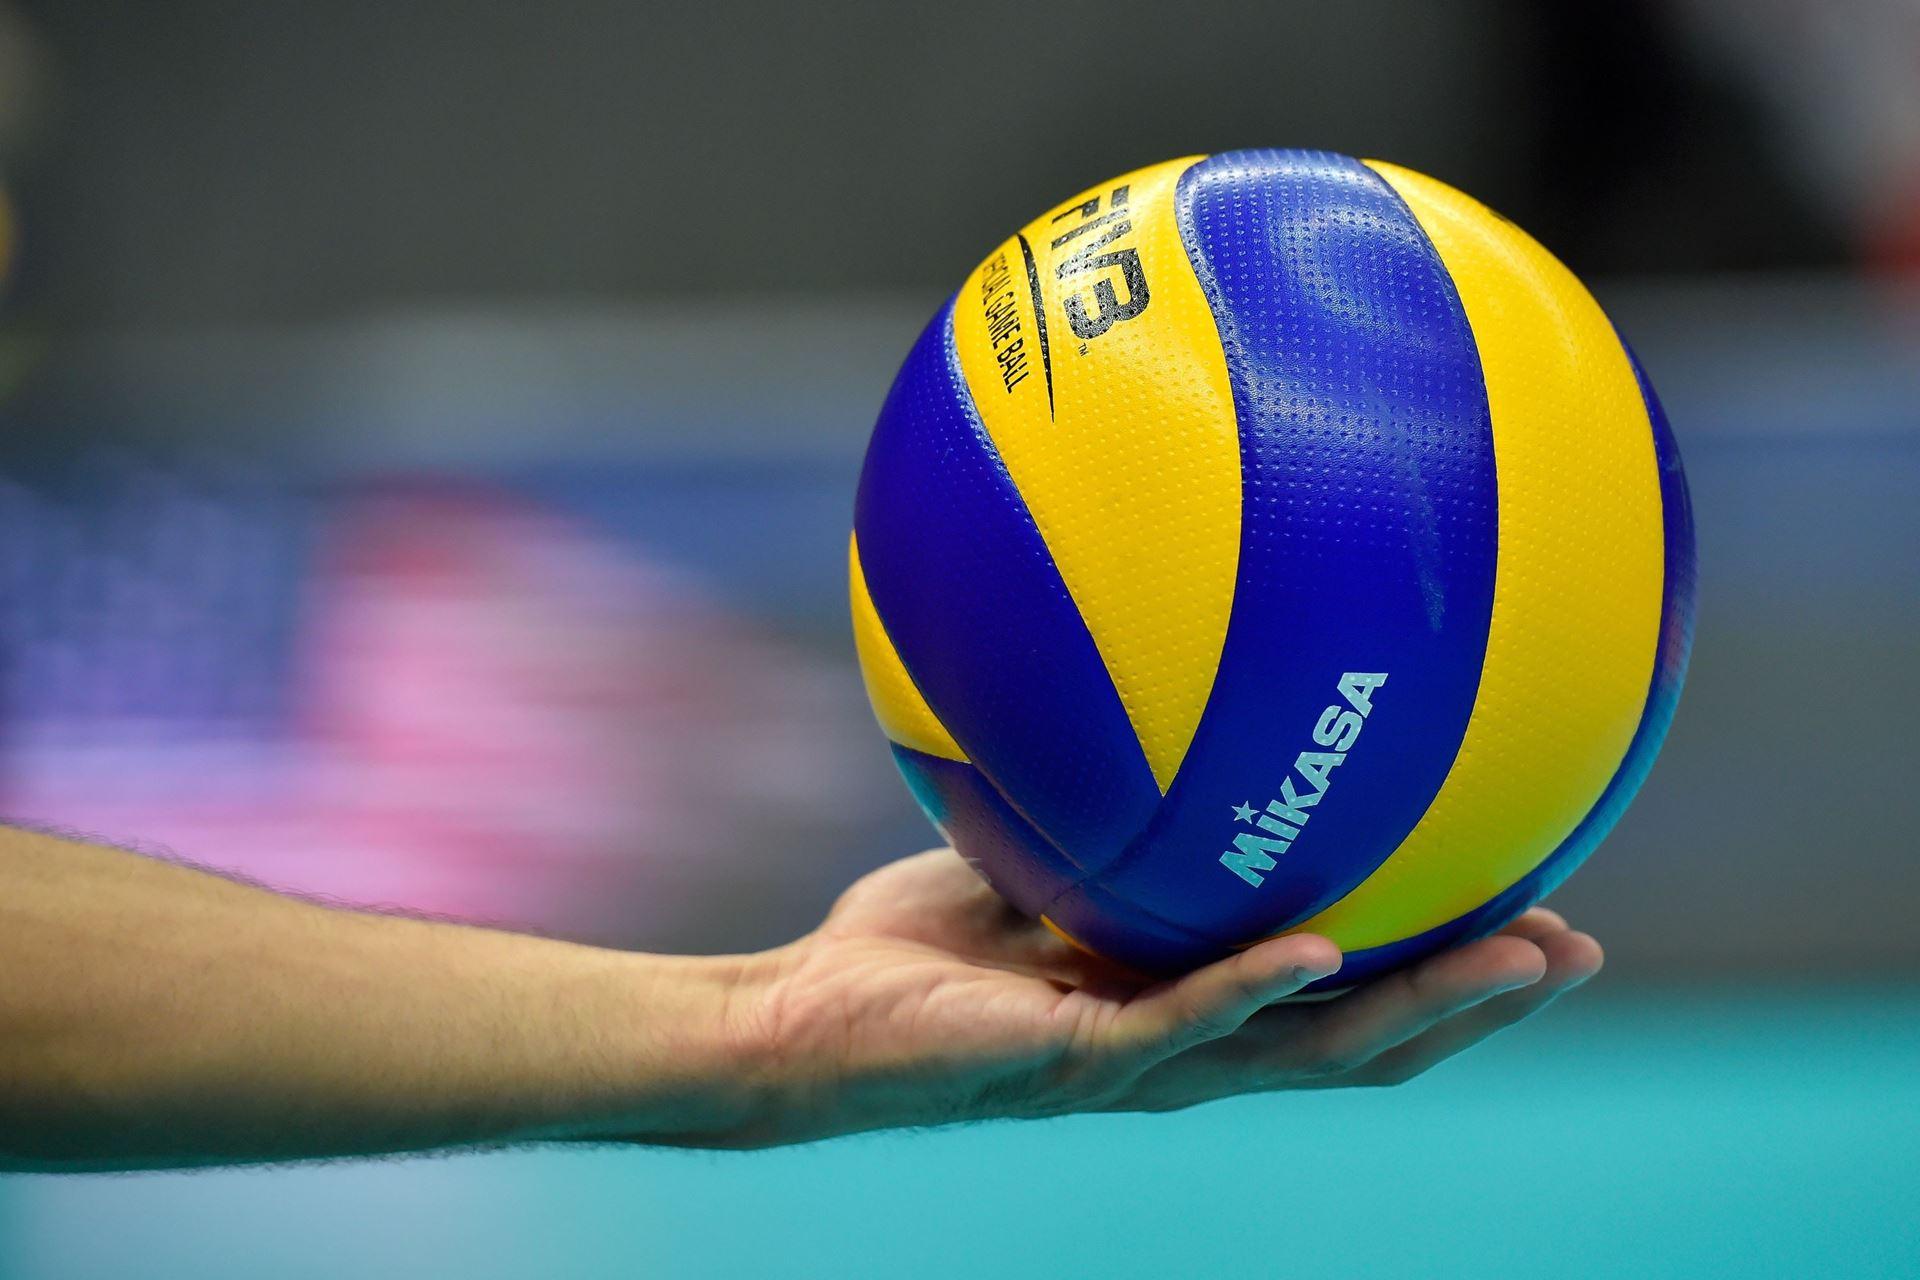 Afbeelding voor categorie Volleyballen